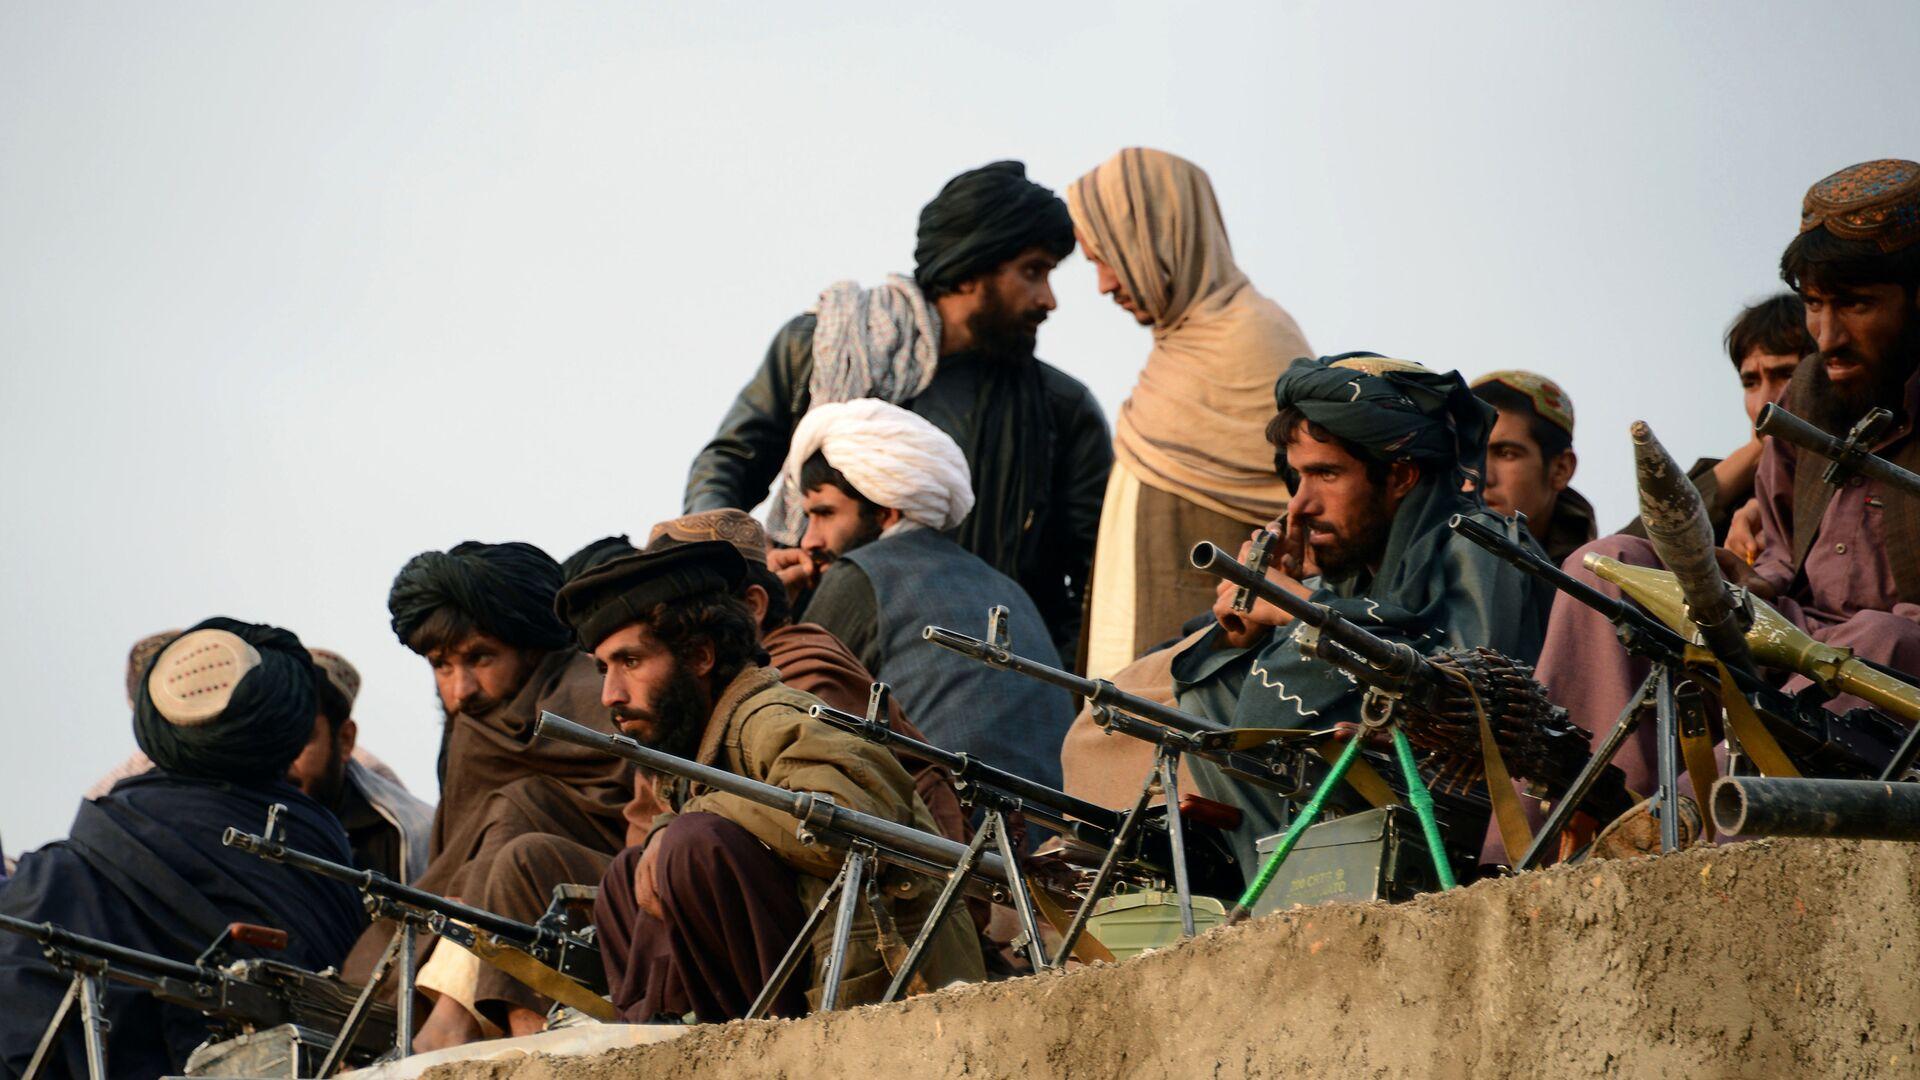 Combatientes de Talibán en Afganistán (archivo) - Sputnik Mundo, 1920, 19.07.2021